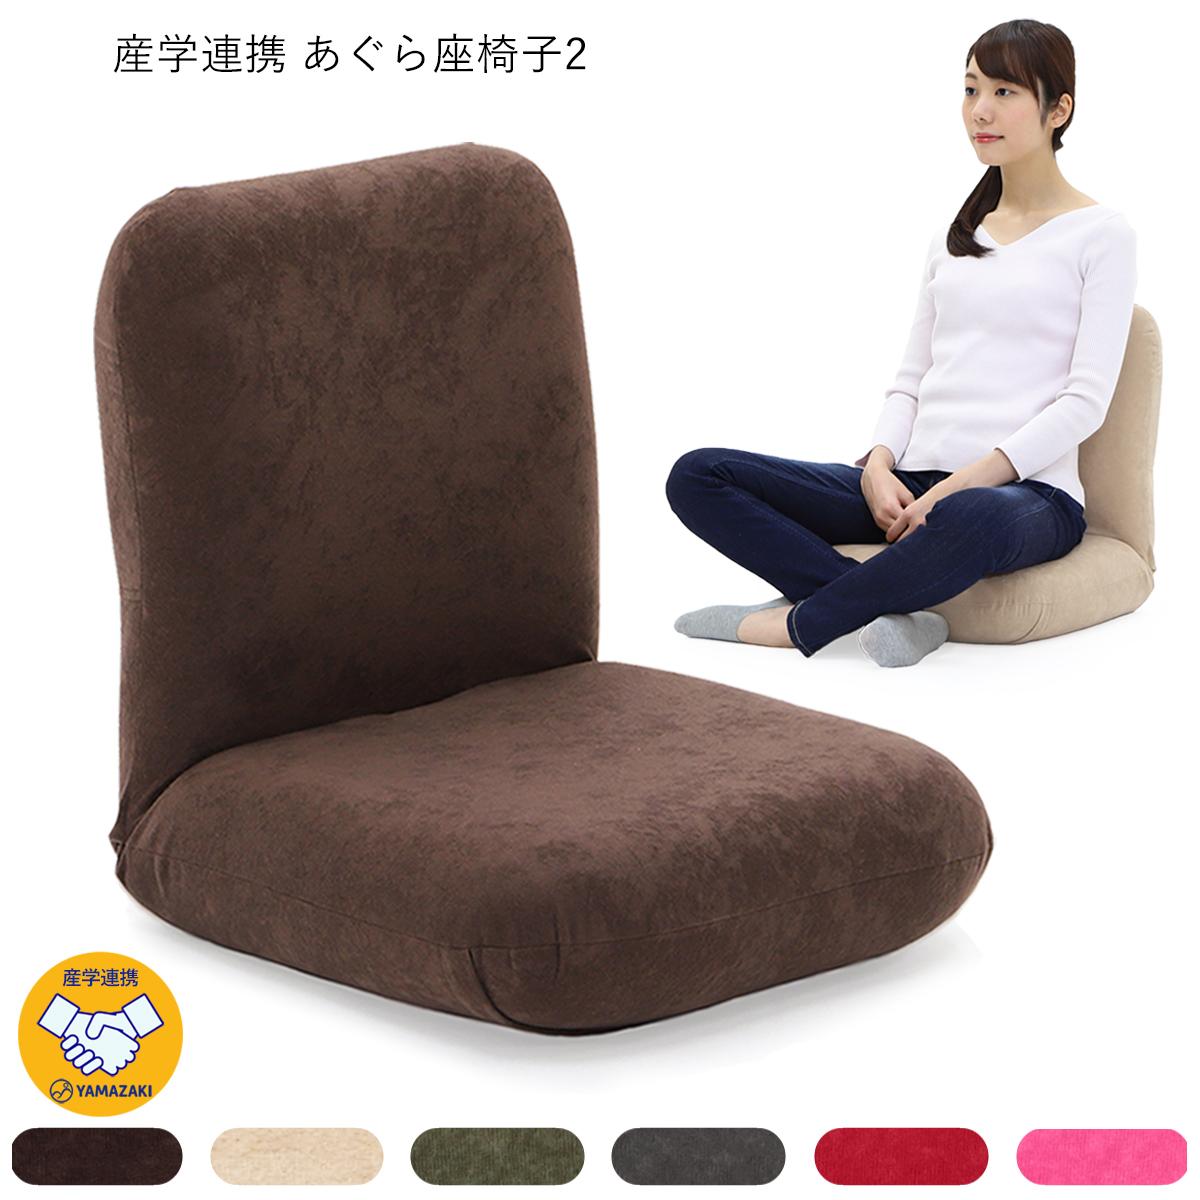 産学連携 あぐら座椅子2(ヤマザキ)【 座椅子 日本製 腰痛 リクライニング 姿勢 ざいす 座いす 人気 おすすめ コンパクト 】